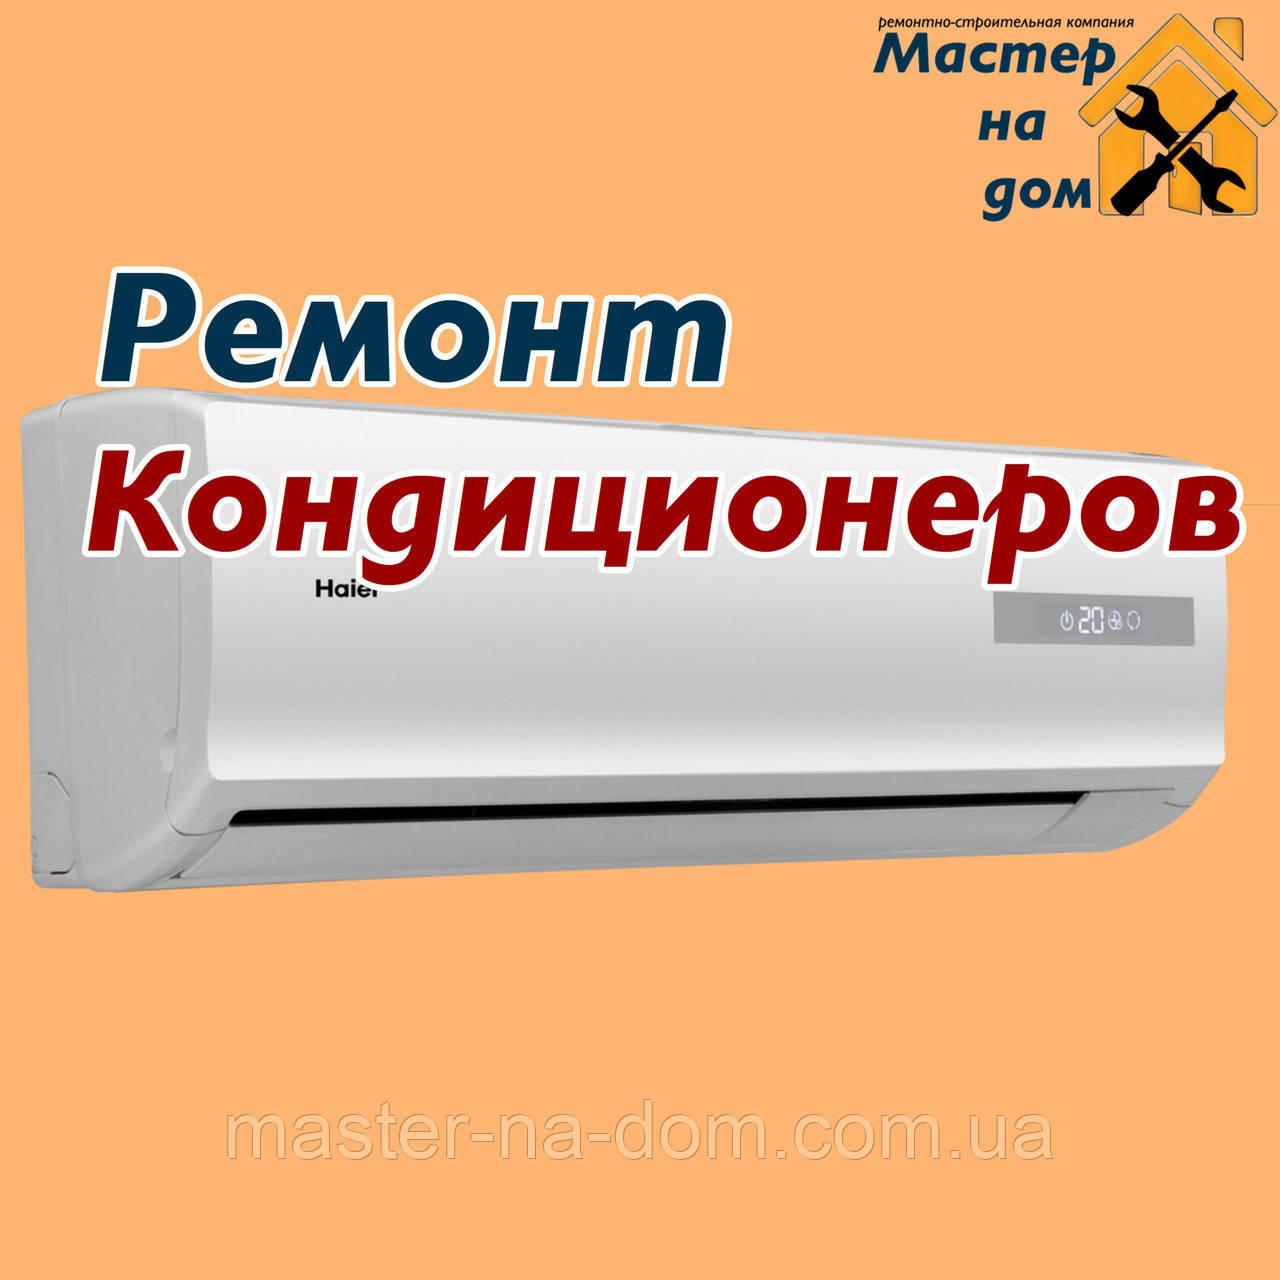 Ремонт кондиционеров в Хмельницком, фото 1